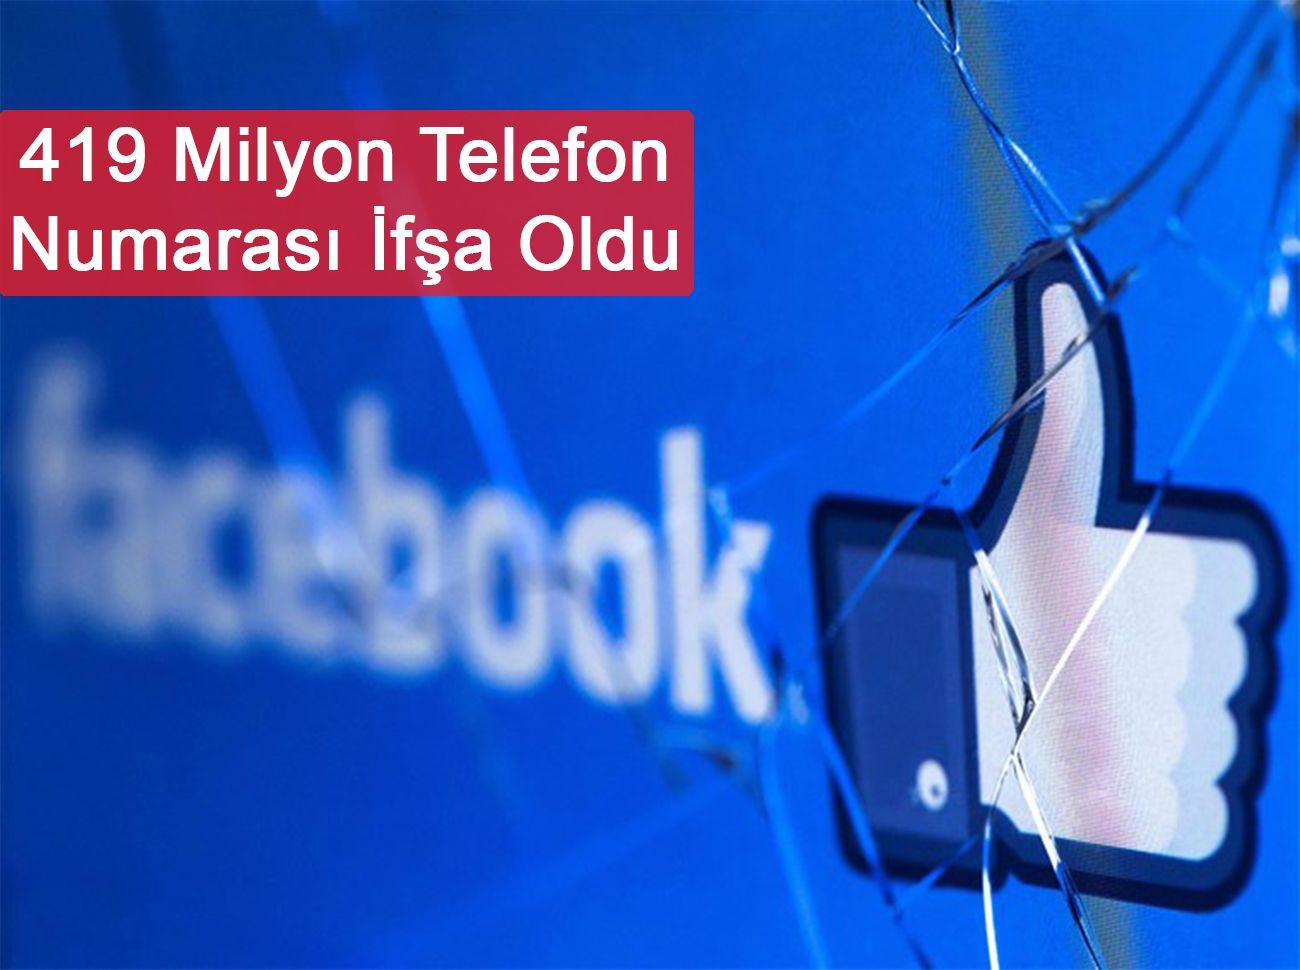 Milyonlarca Facebook Kullanıcısının Telefon Numarası İfşa Oldu